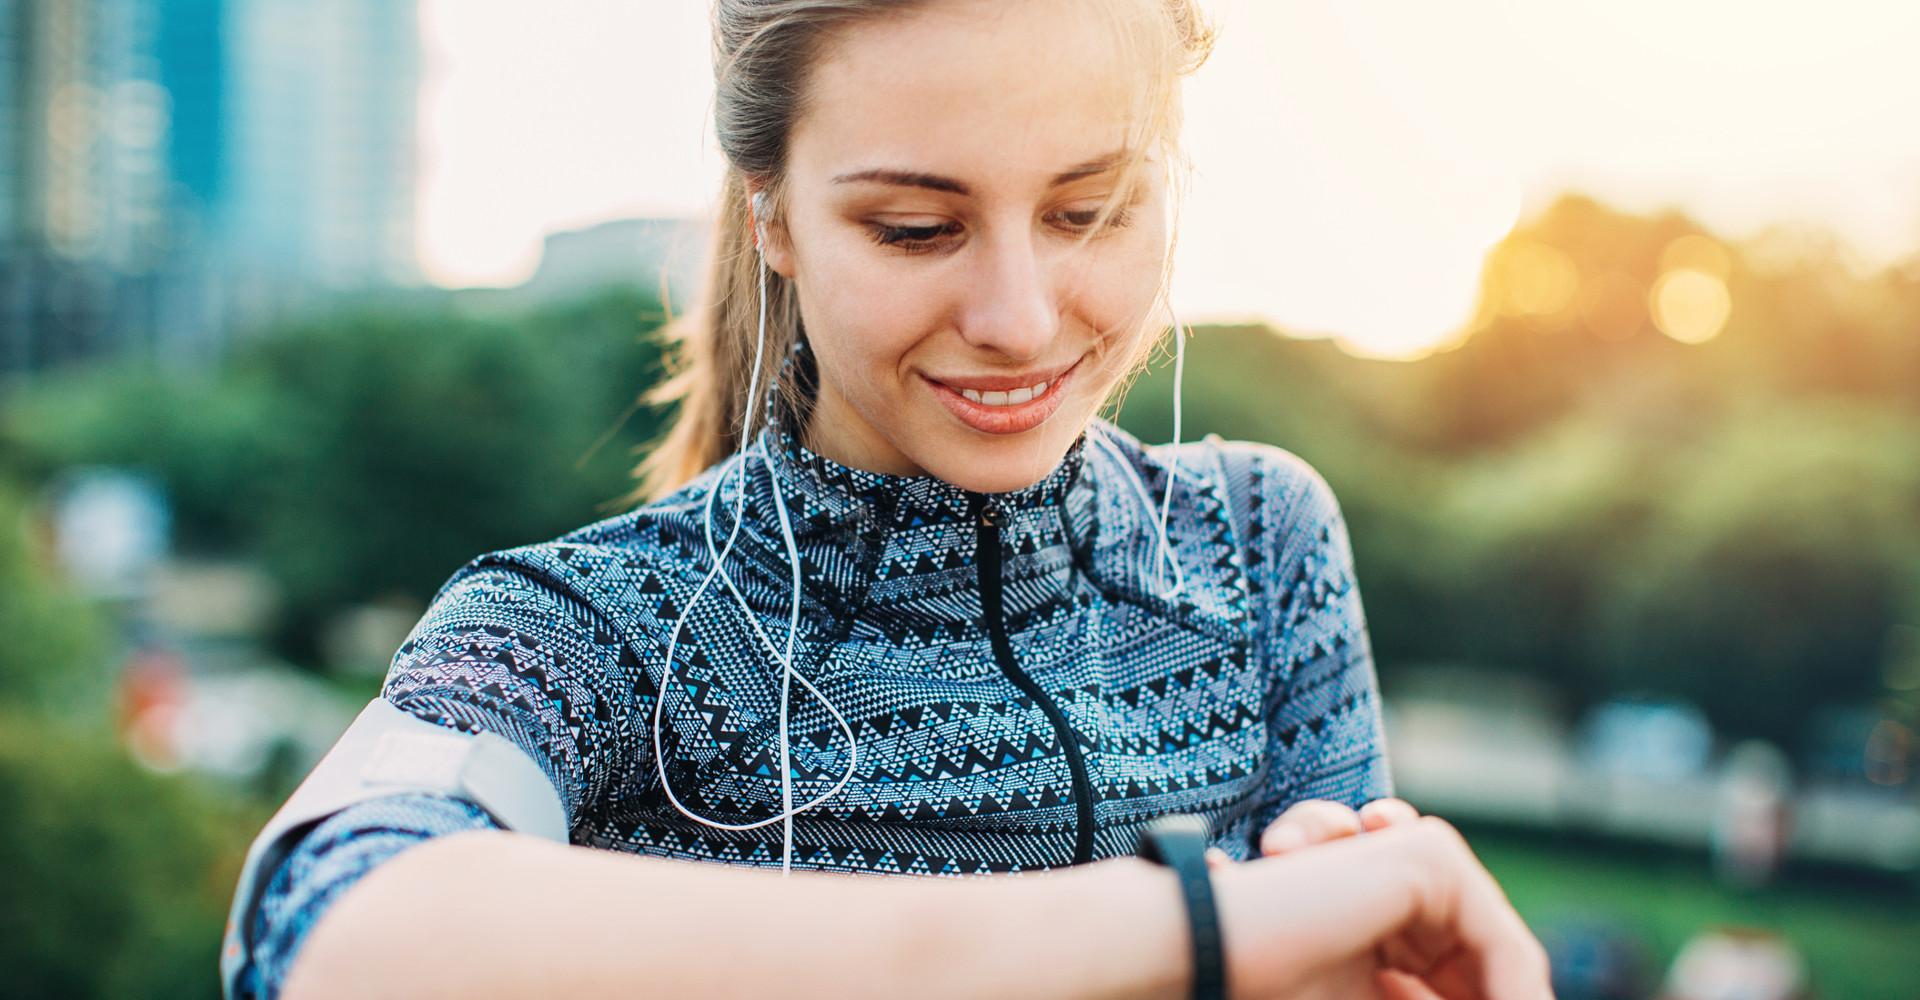 Junge Frau mit Smartwatch